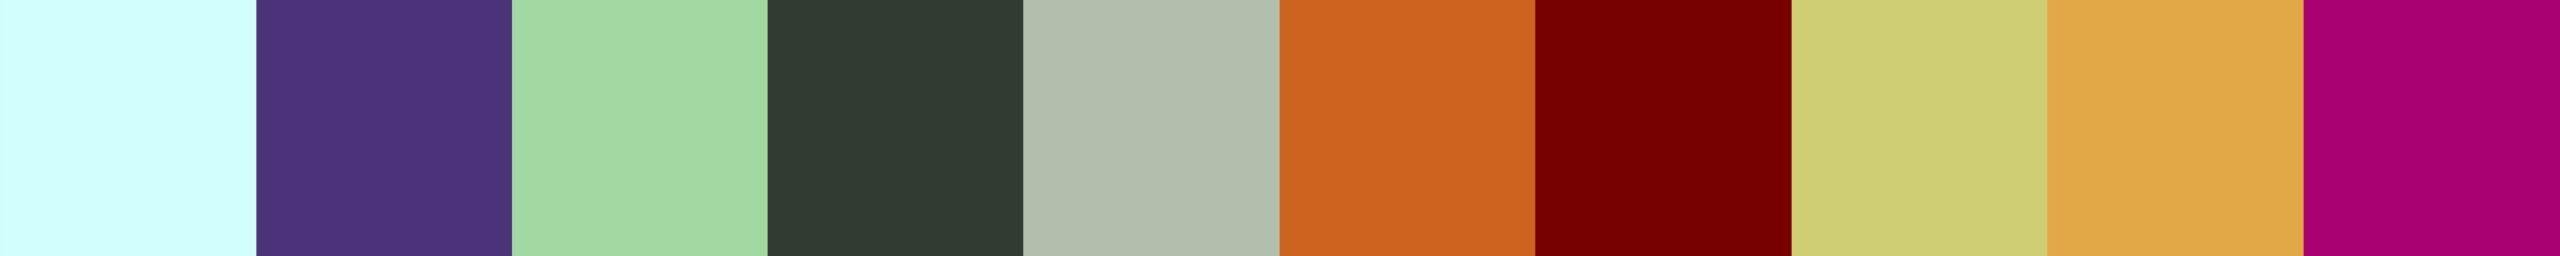 593 Sarea Color Palette